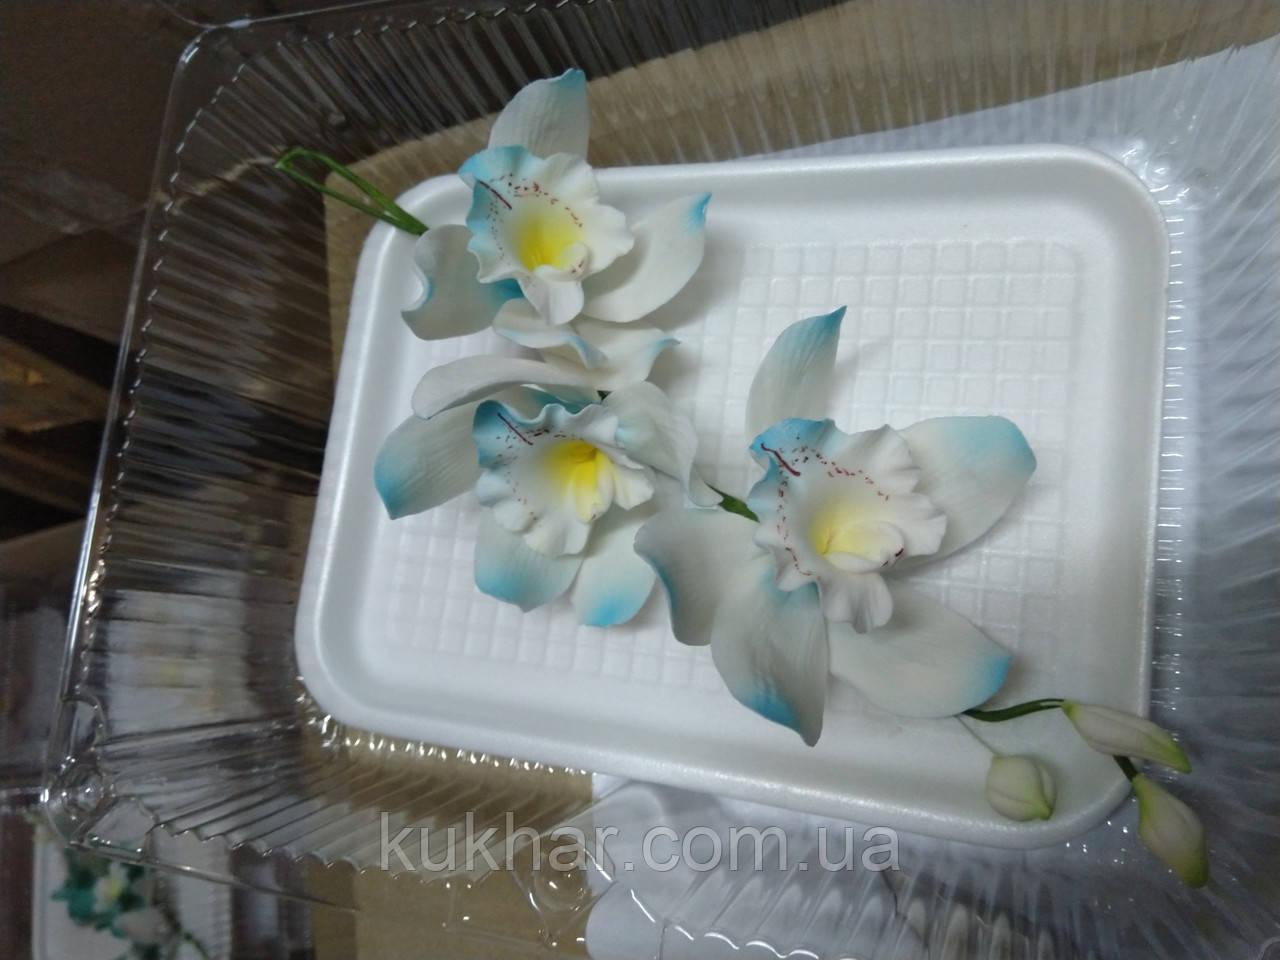 Гілка орхідеї великої з бутонами L 250